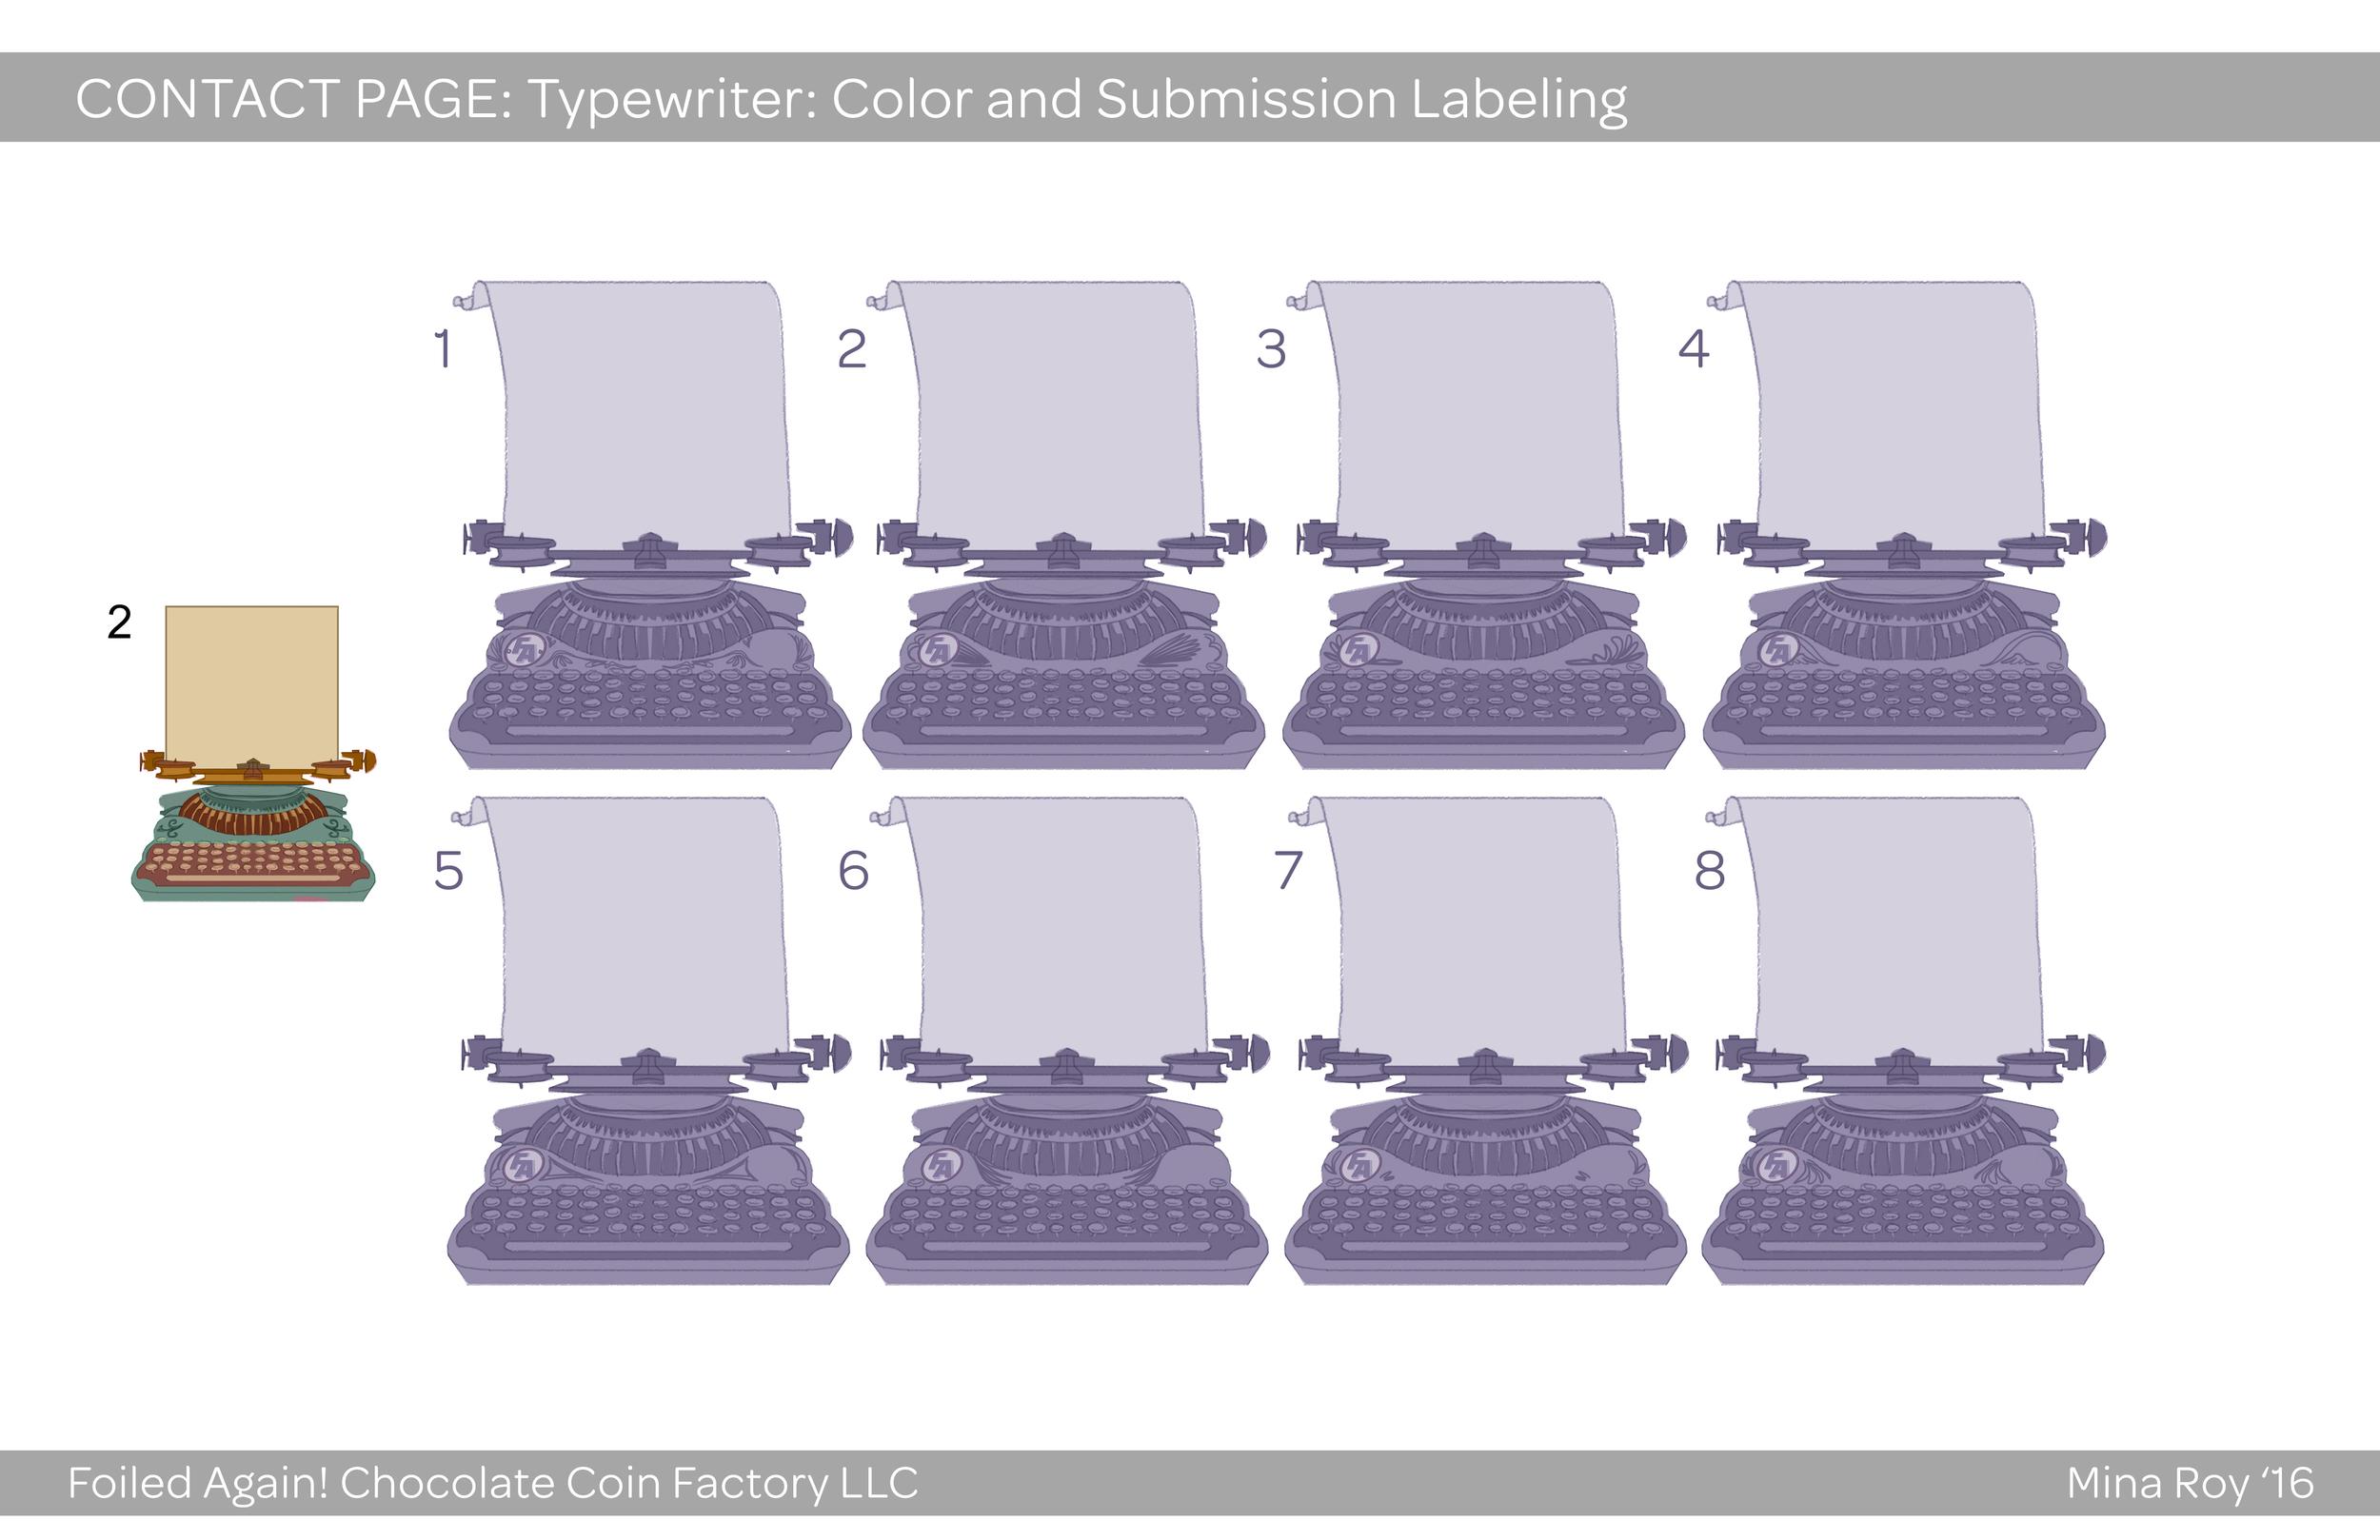 website-conceptdesign-typewriter-stage3.jpg